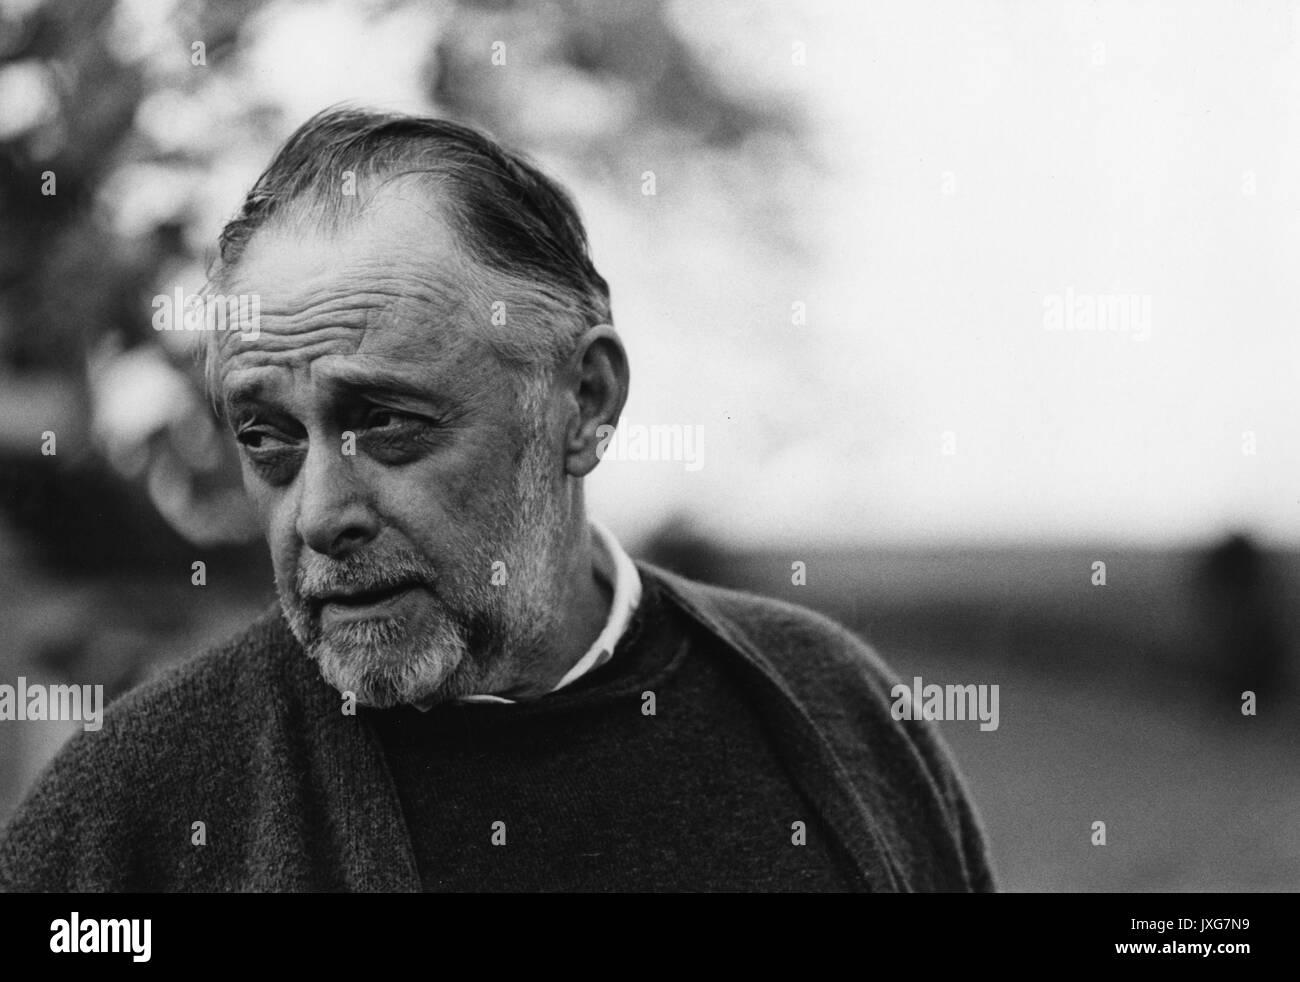 Charles Singleton, gegen Mittag Portrait, stehend, Schultern, drei Viertel view, ca 70 Jahre alt, 1969. Stockbild